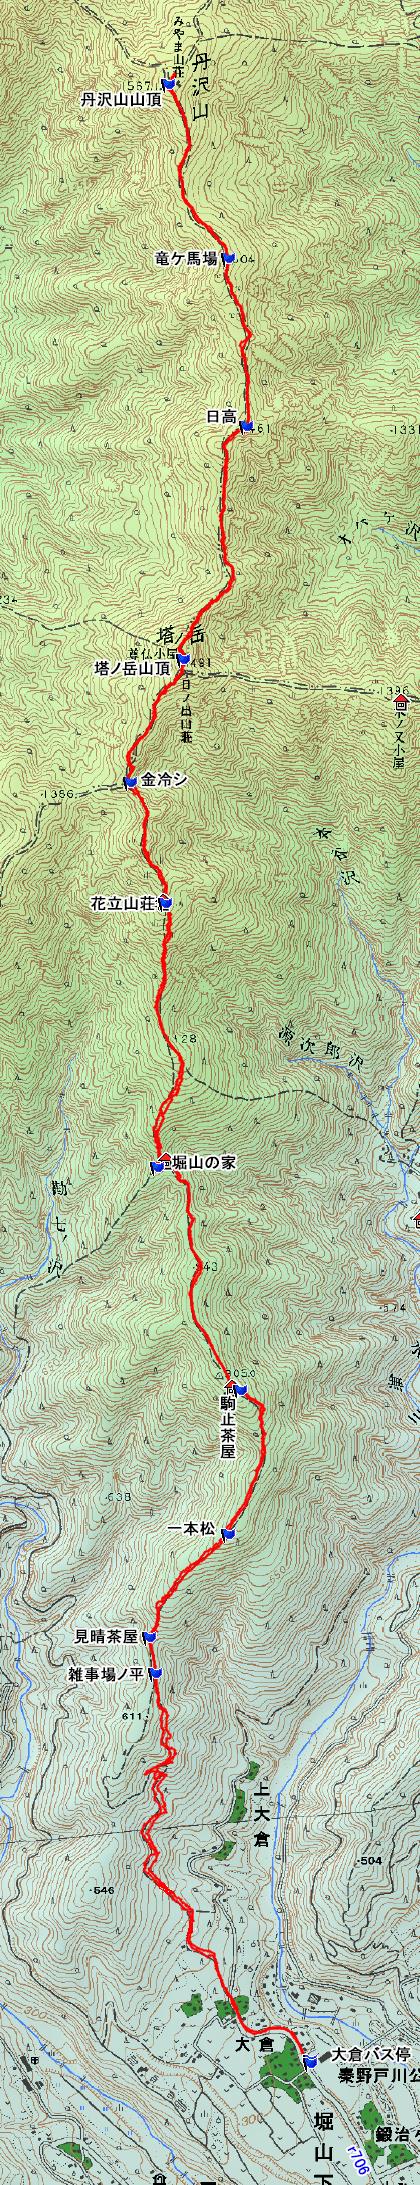 20170118map